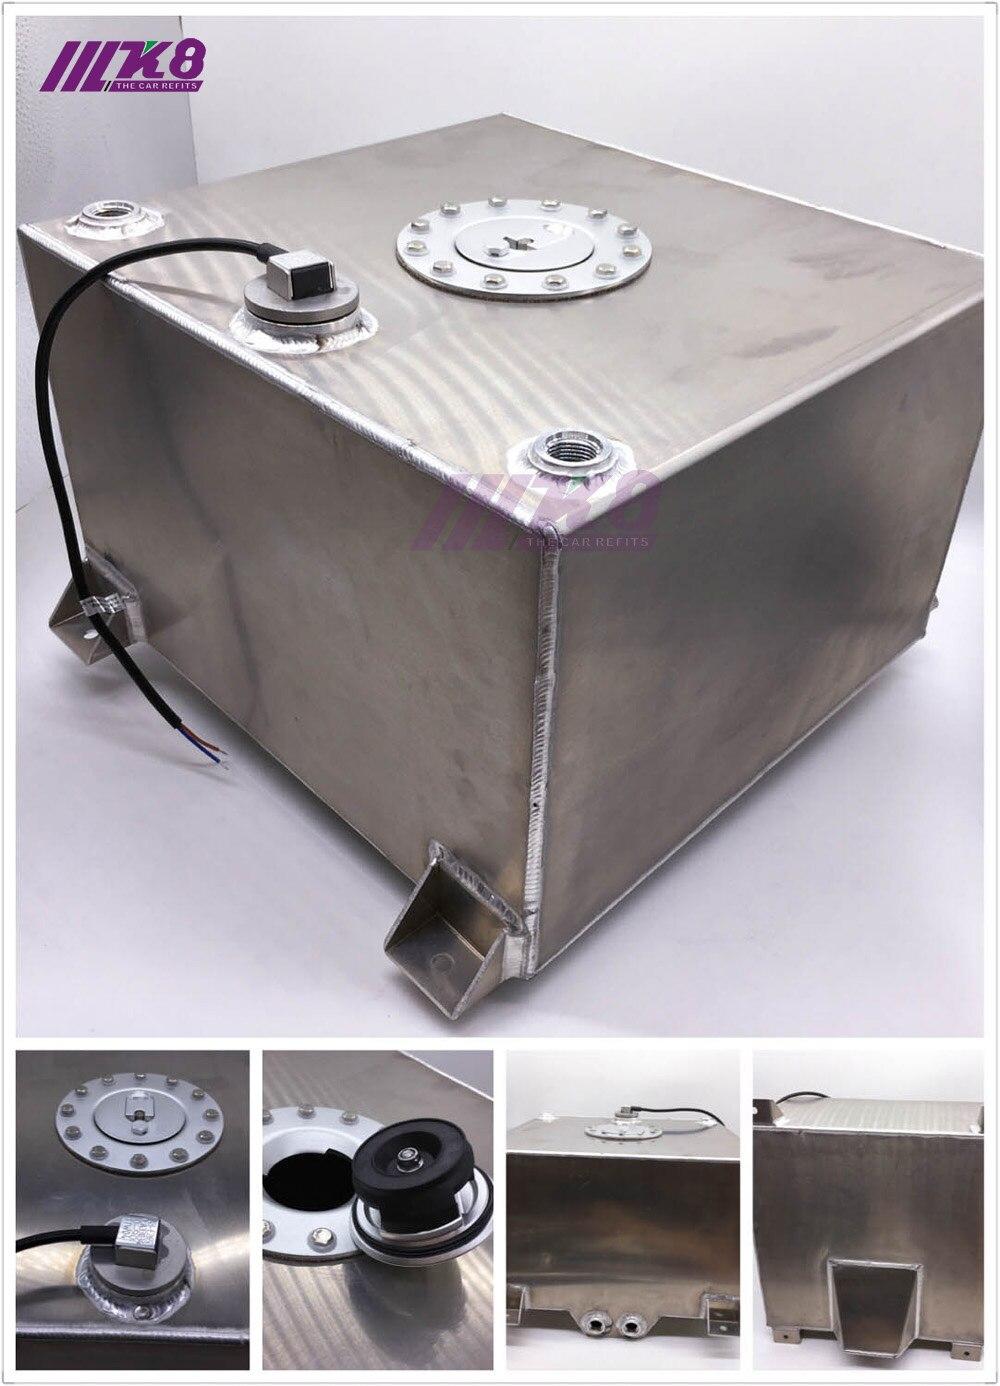 Высокое качество 80L алюминия перенапряжения топливного бака с Кепки топливных 80L с датчиком пеной внутрь (K8 F 80L)